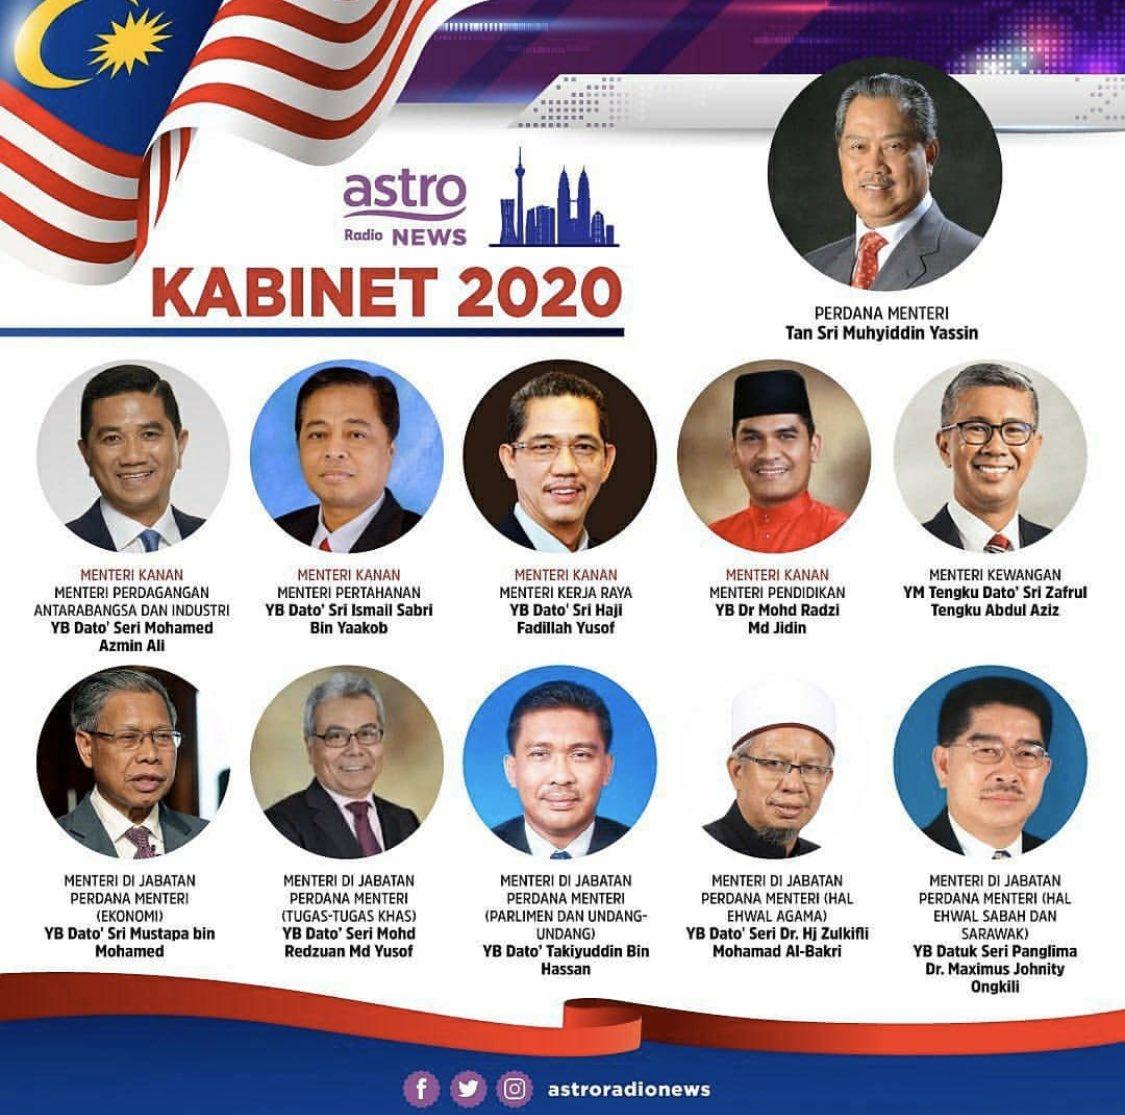 Resume Kreatif On Twitter Senarai Barisan Kabinetmalaysia2020